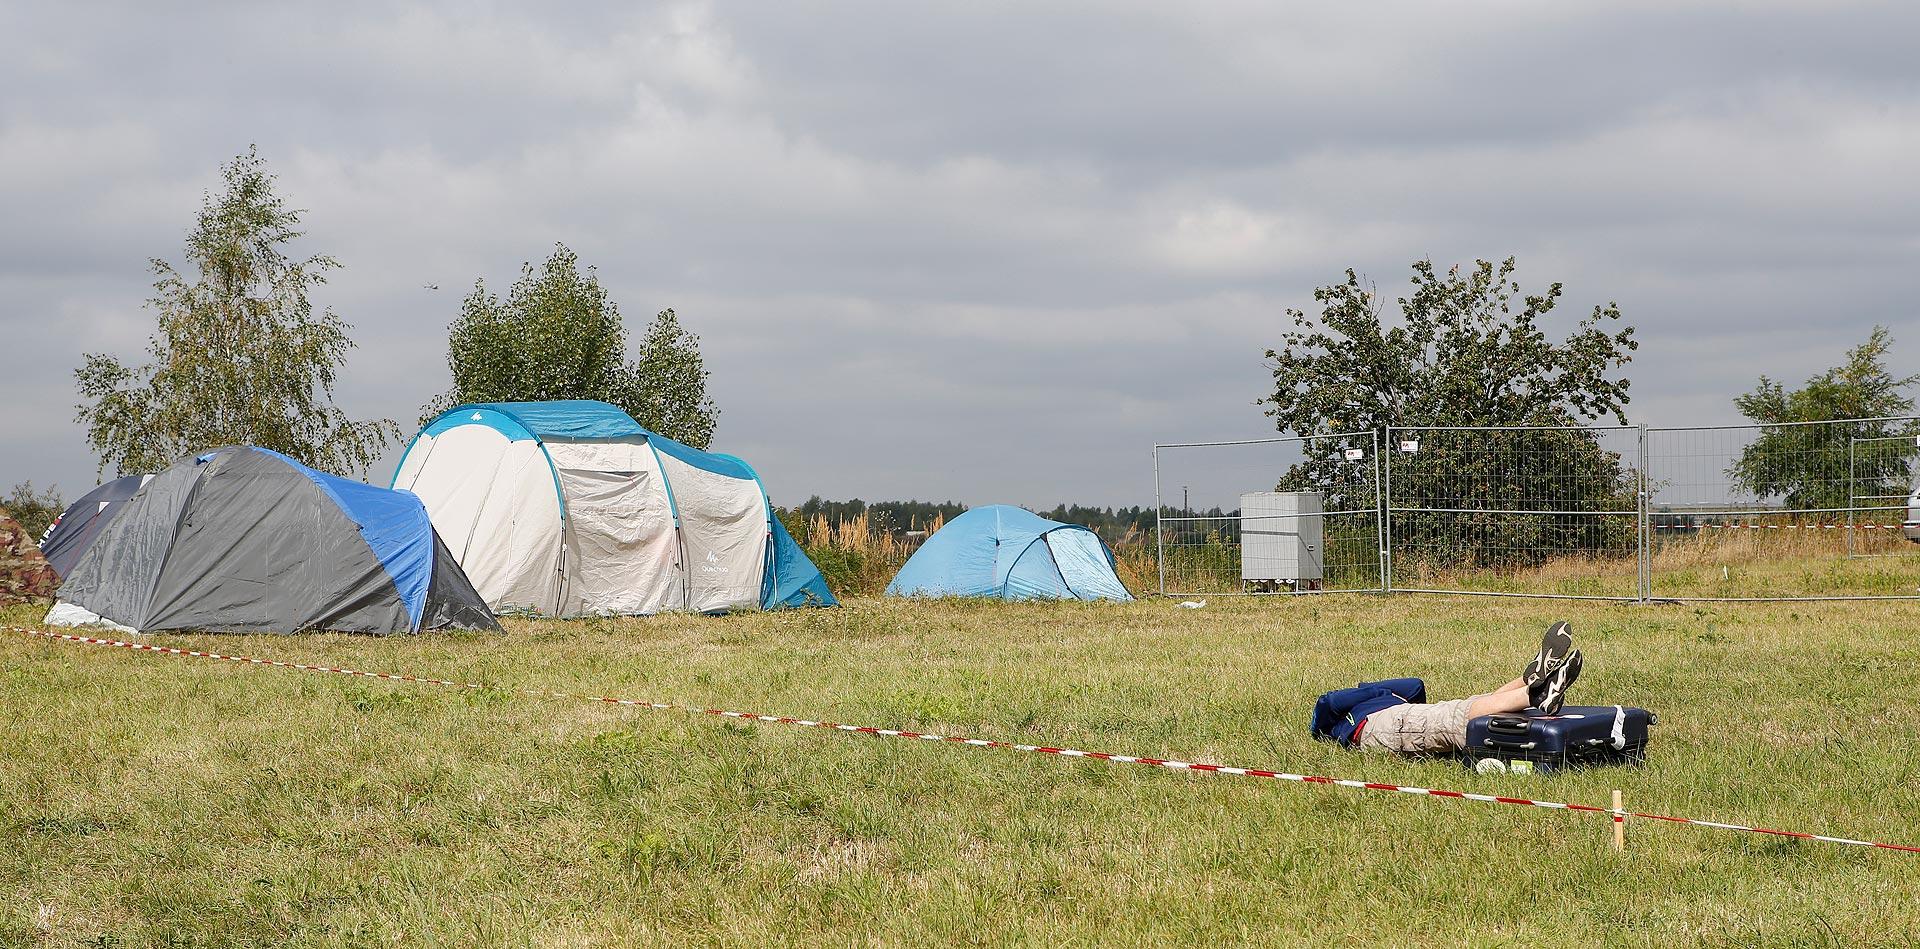 Die Mitarbeiter des Catering-Teams campen auch auf dem Gelände.